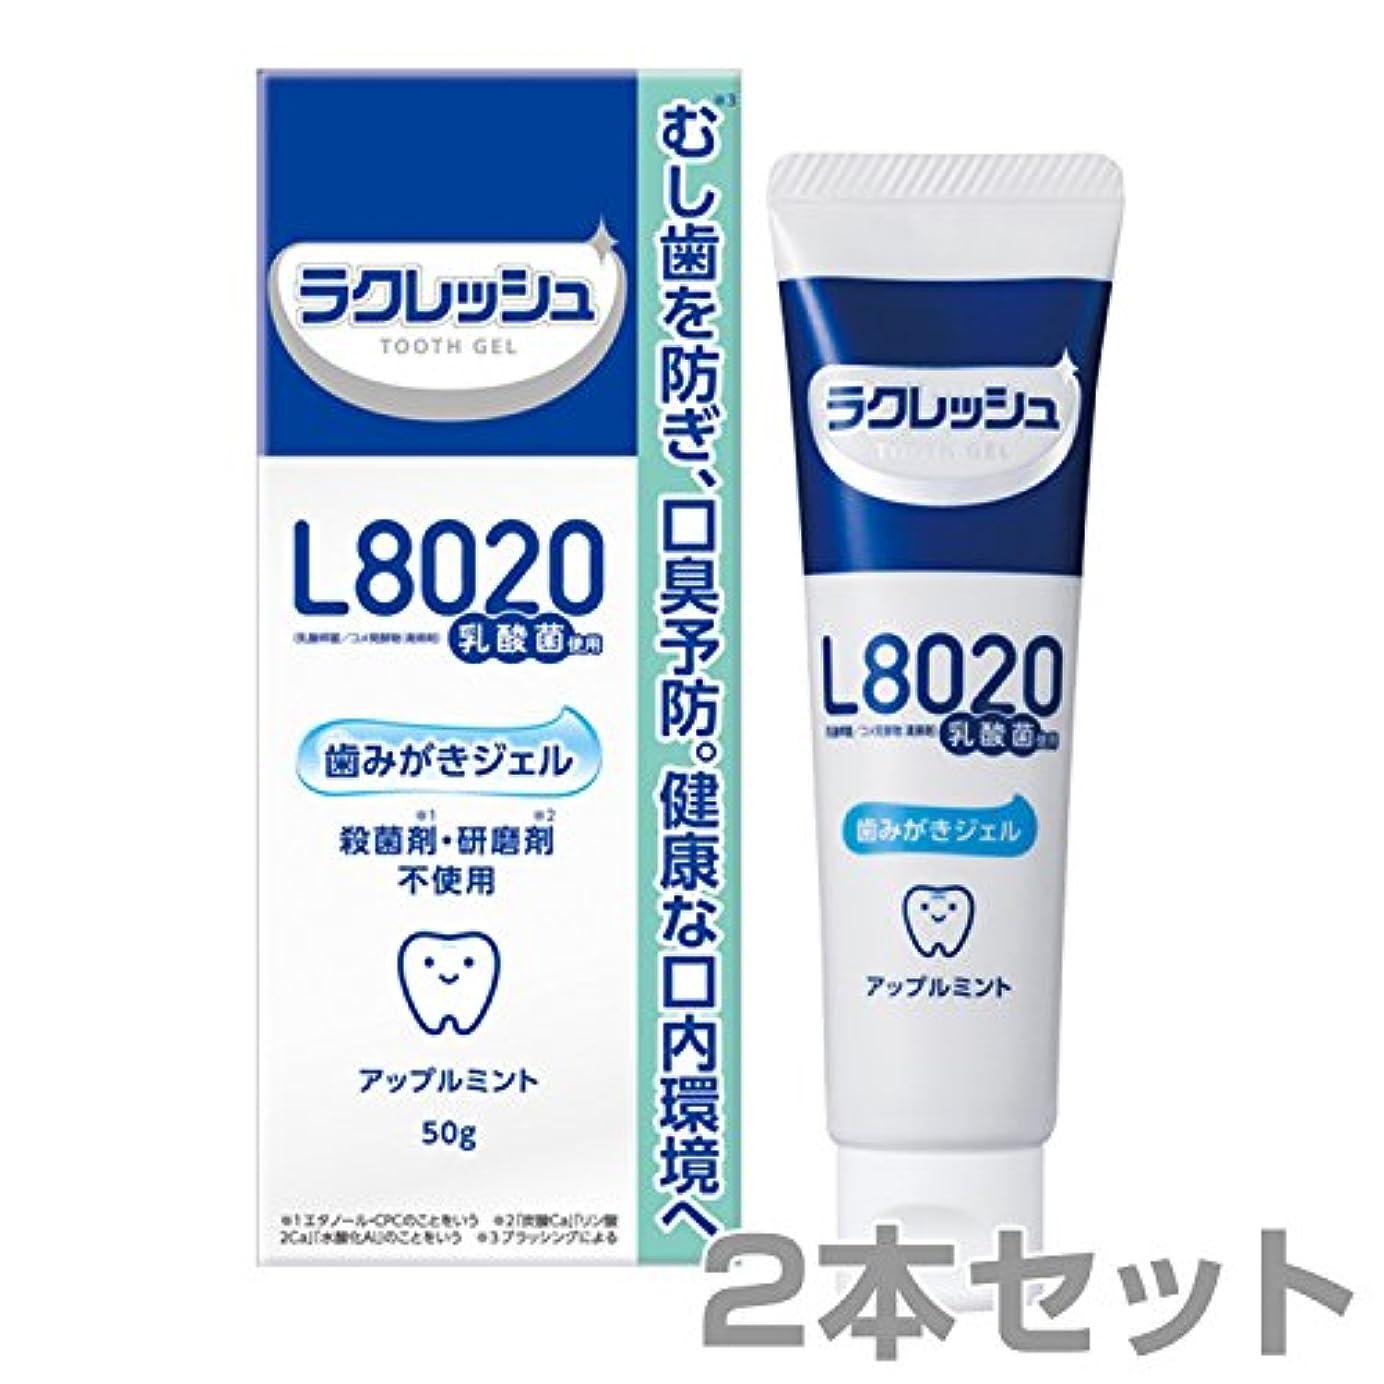 幹未就学欲望ジェクス(JEX) ラクレッシュ L8020 乳酸菌 歯みがきジェル (50g) 2本セット アップルミント風味